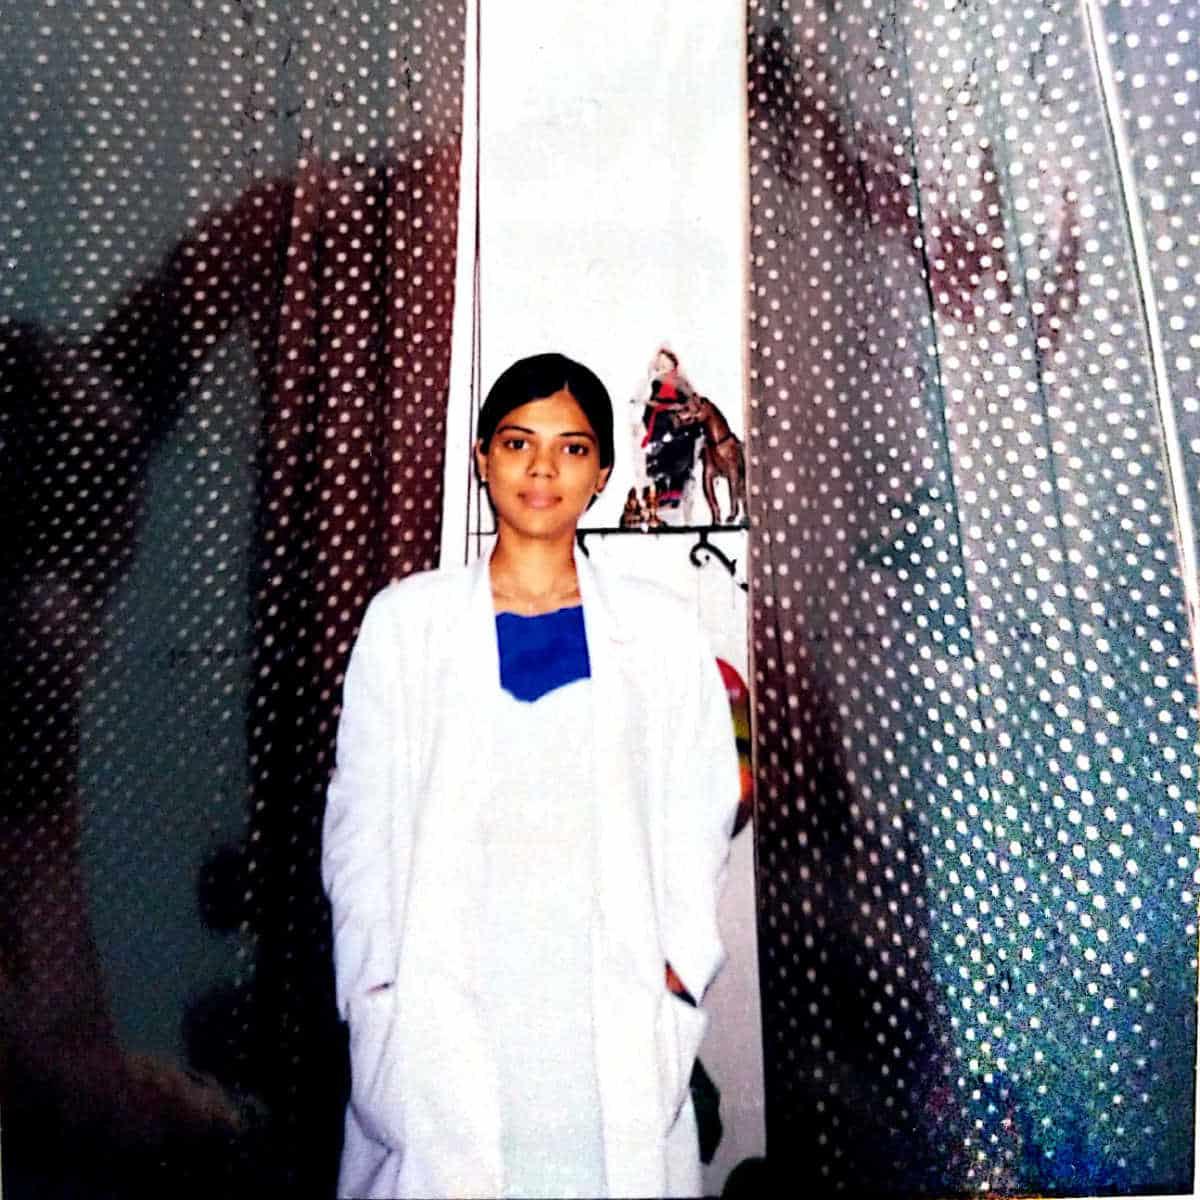 Neha Mathur in Dentist Uniform